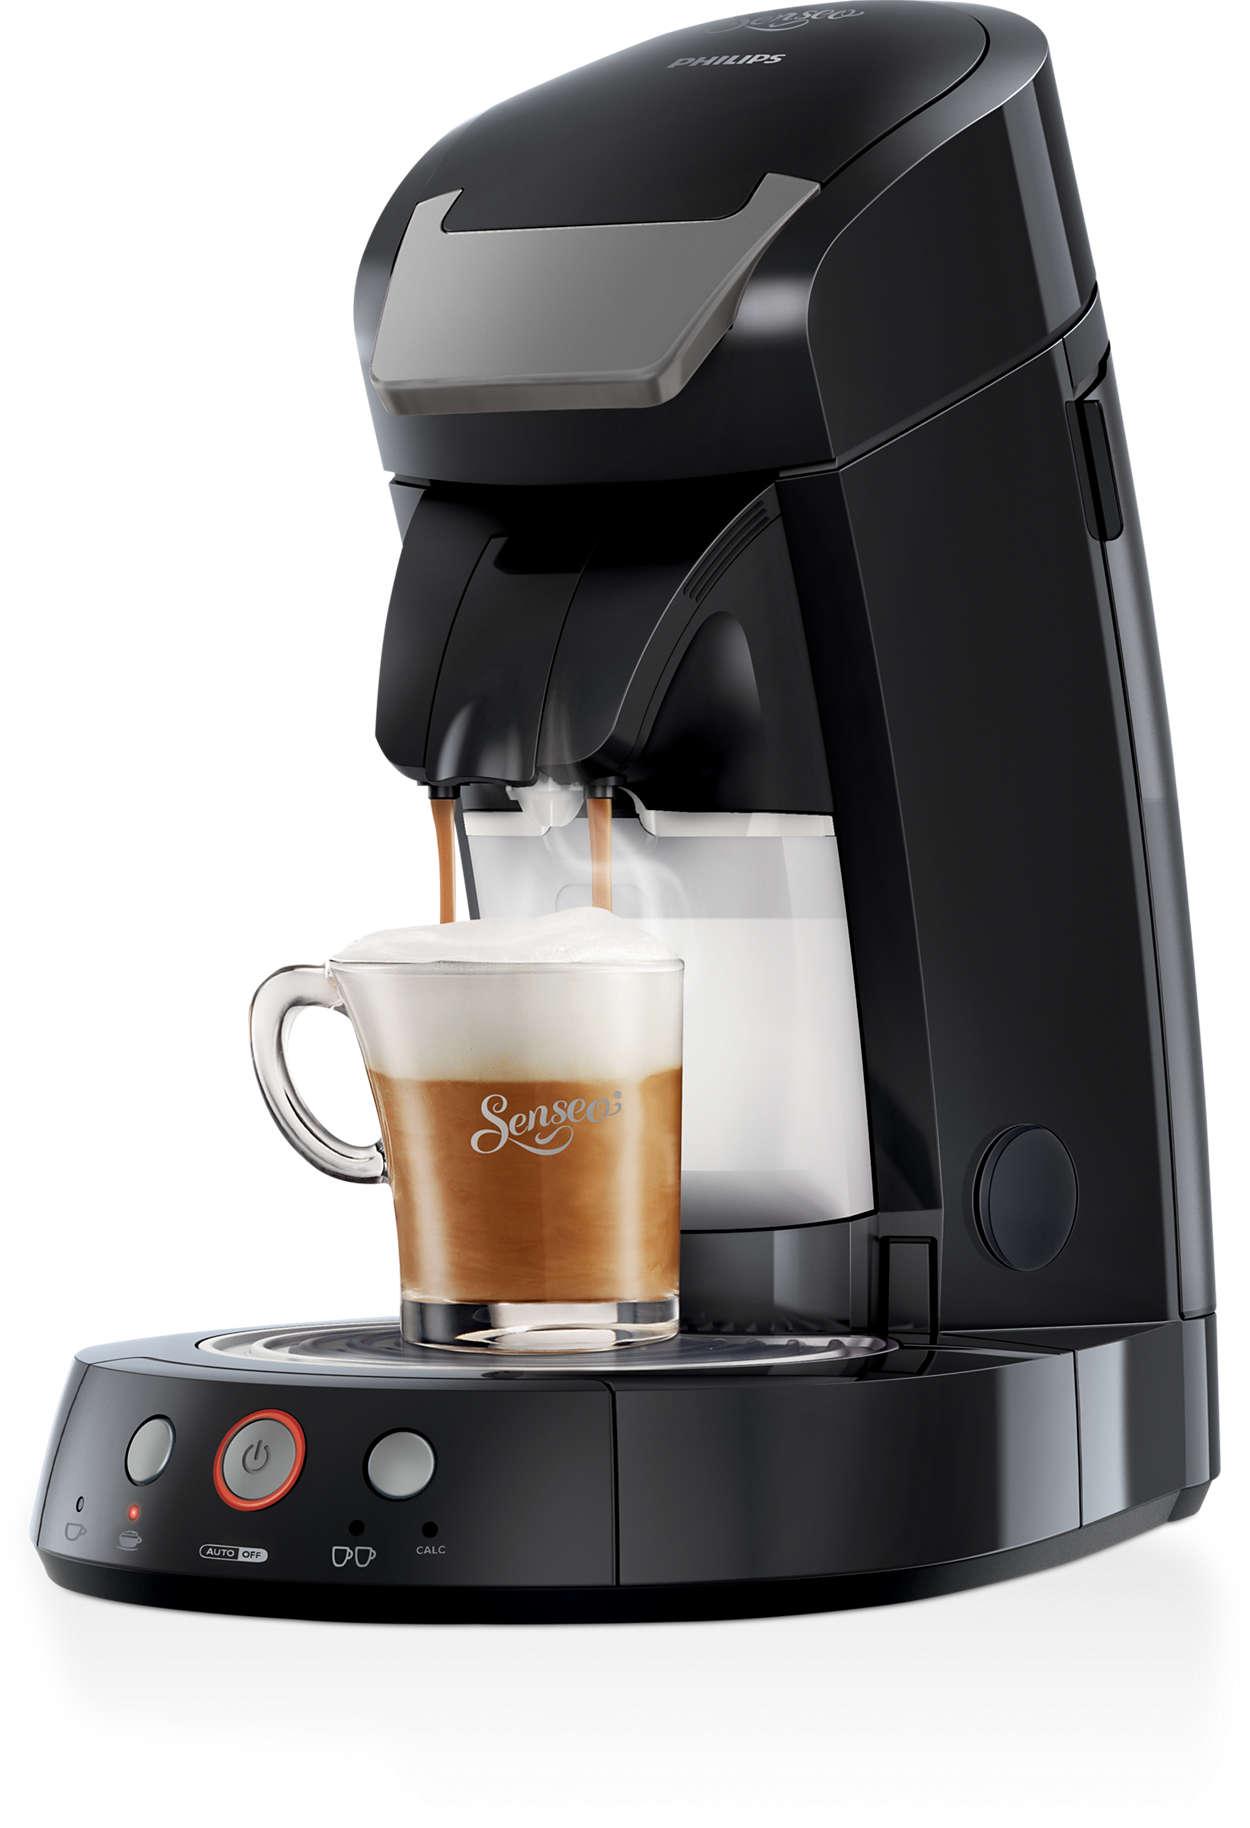 De beste cappuccino wordt gemaakt met verse melk!